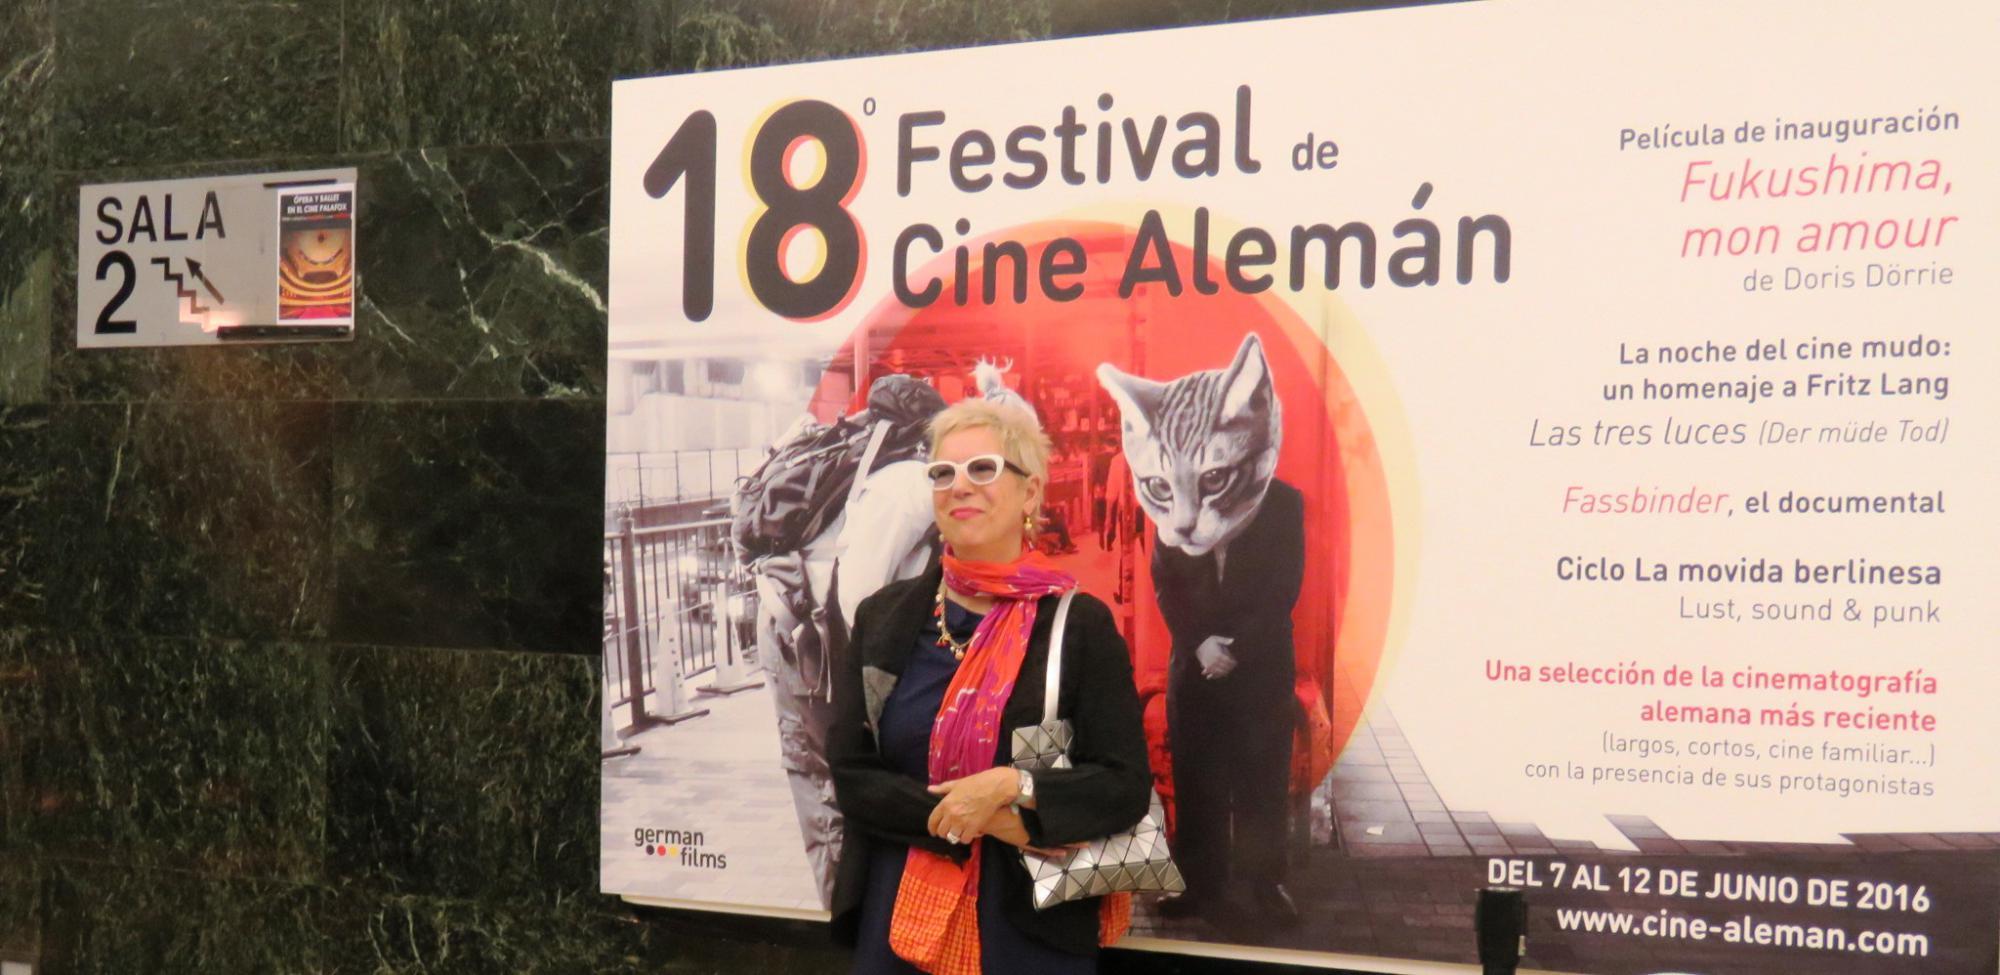 Vuelve el Festival de Cine Alemán a Madrid en su decimoctava edición